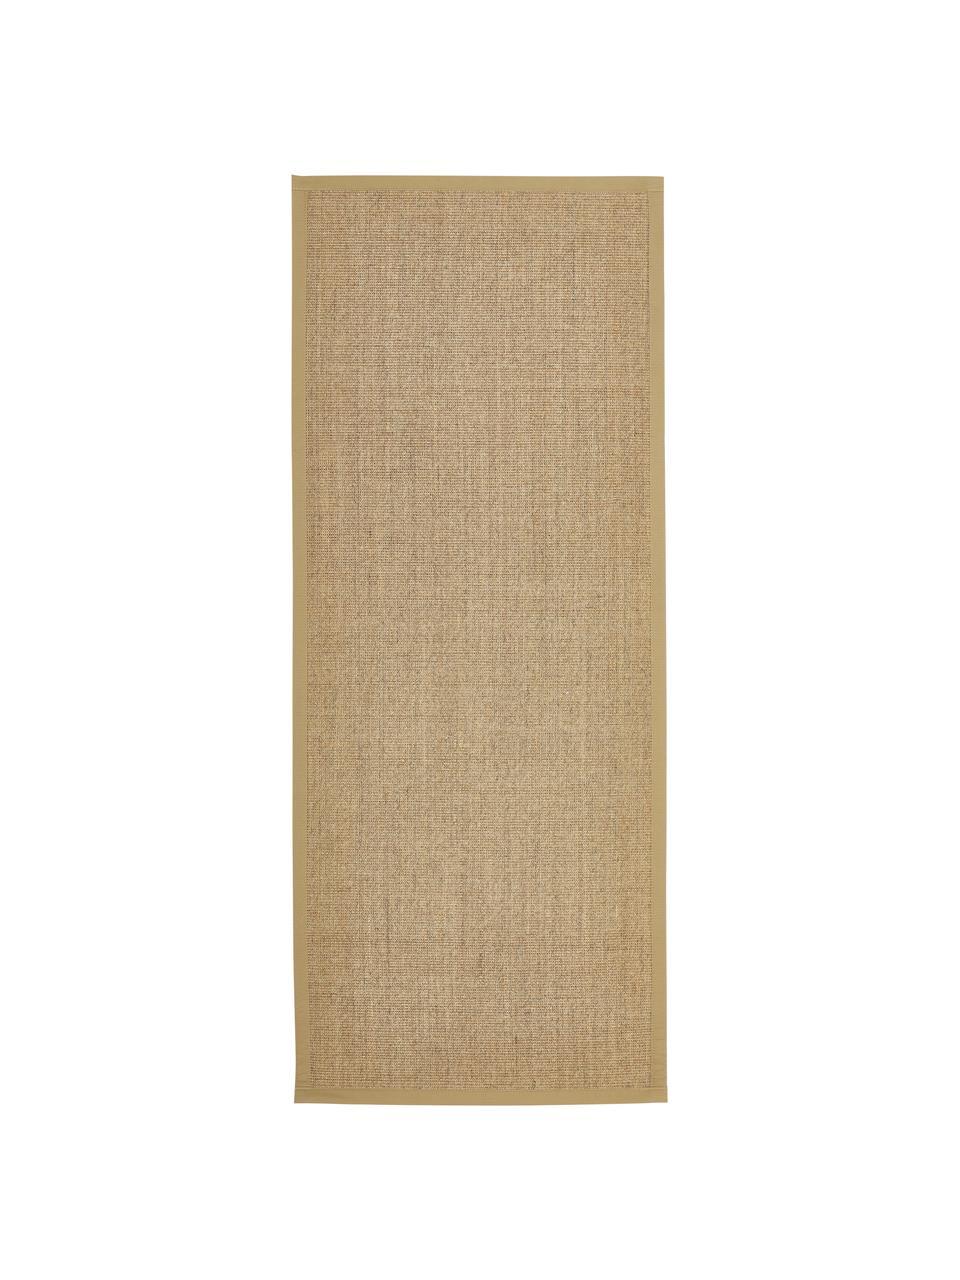 Sisalläufer Leonie in Beige, Flor: 100% Sisalfaser, Rückseite: Latex, Beige, 80 x 300 cm